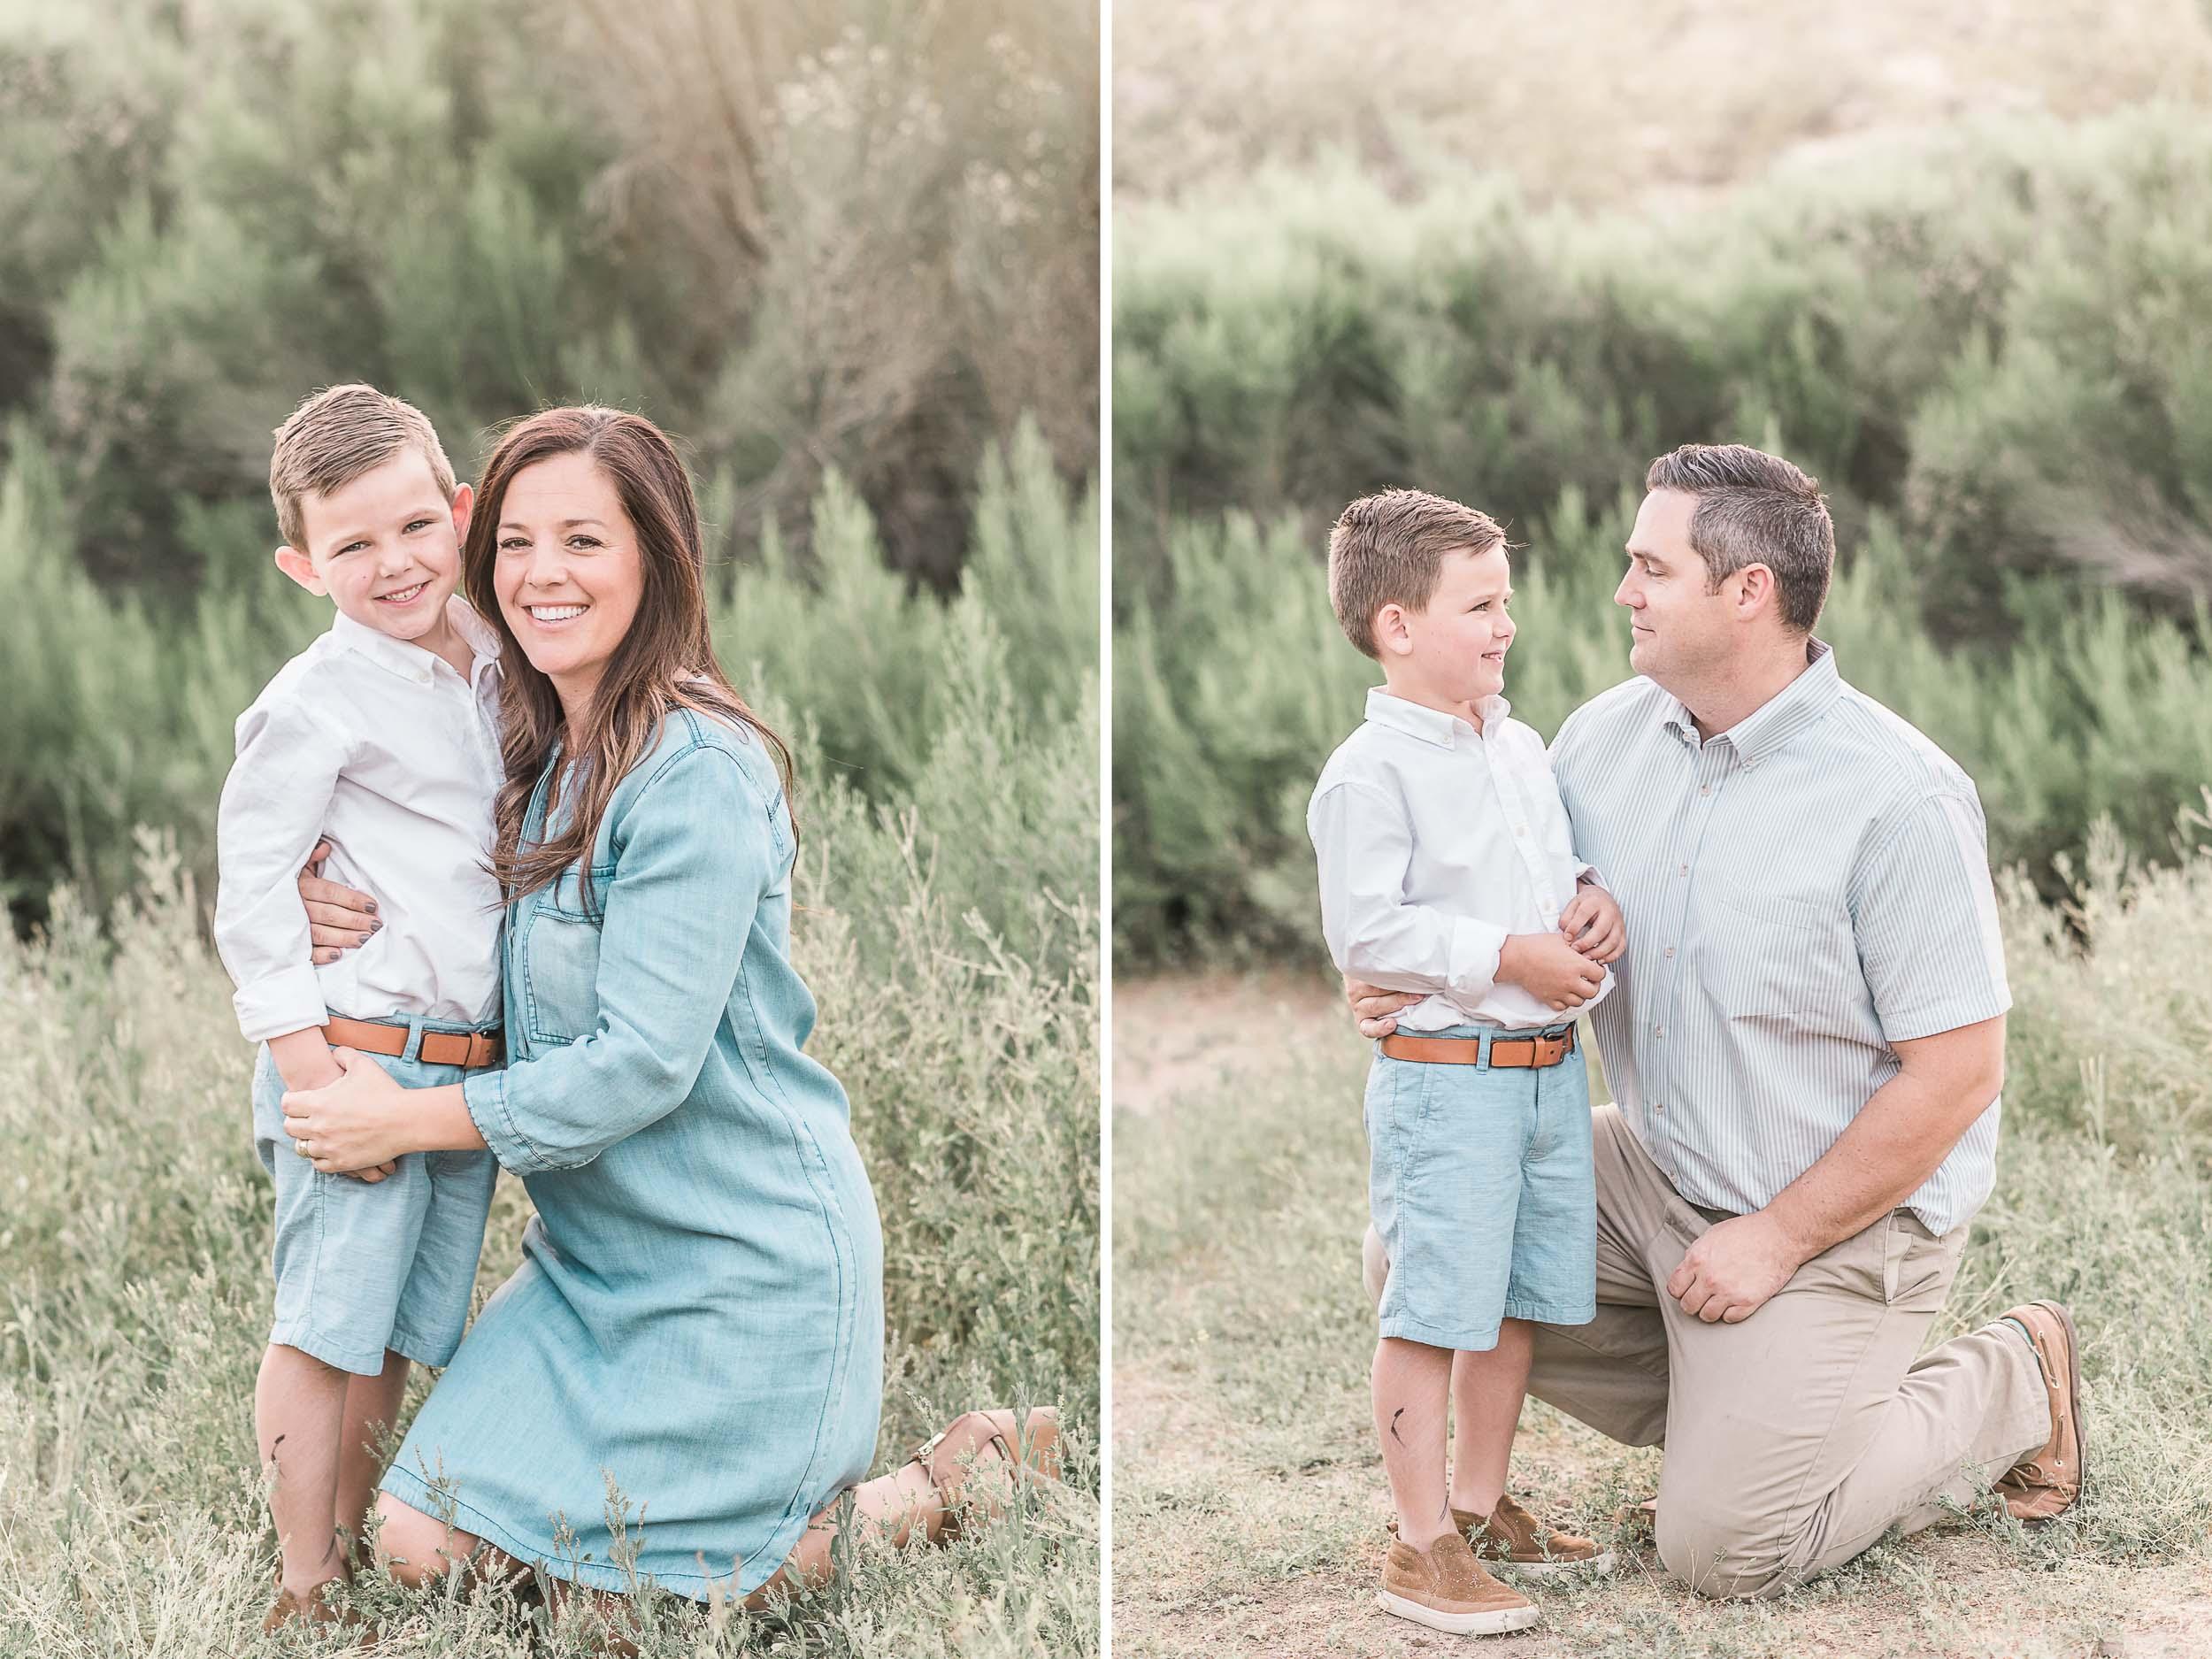 RachaelLaynePhotography_SCfamilyphotographer09-2.jpg